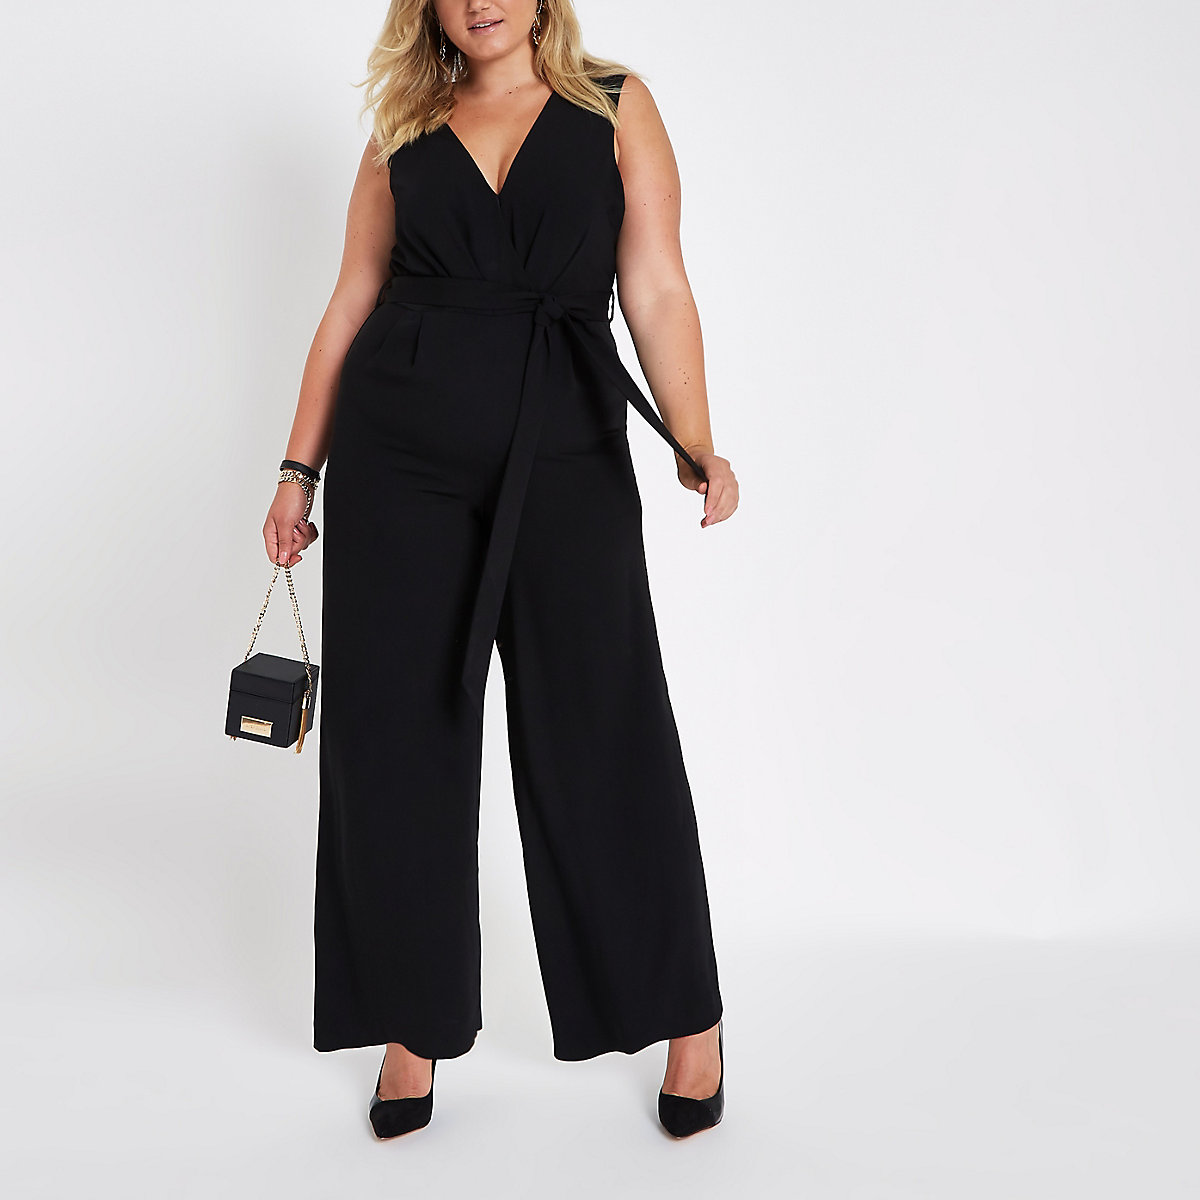 a6aec68606 Plus black belted culotte jumpsuit - Jumpsuits - Playsuits   Jumpsuits -  women